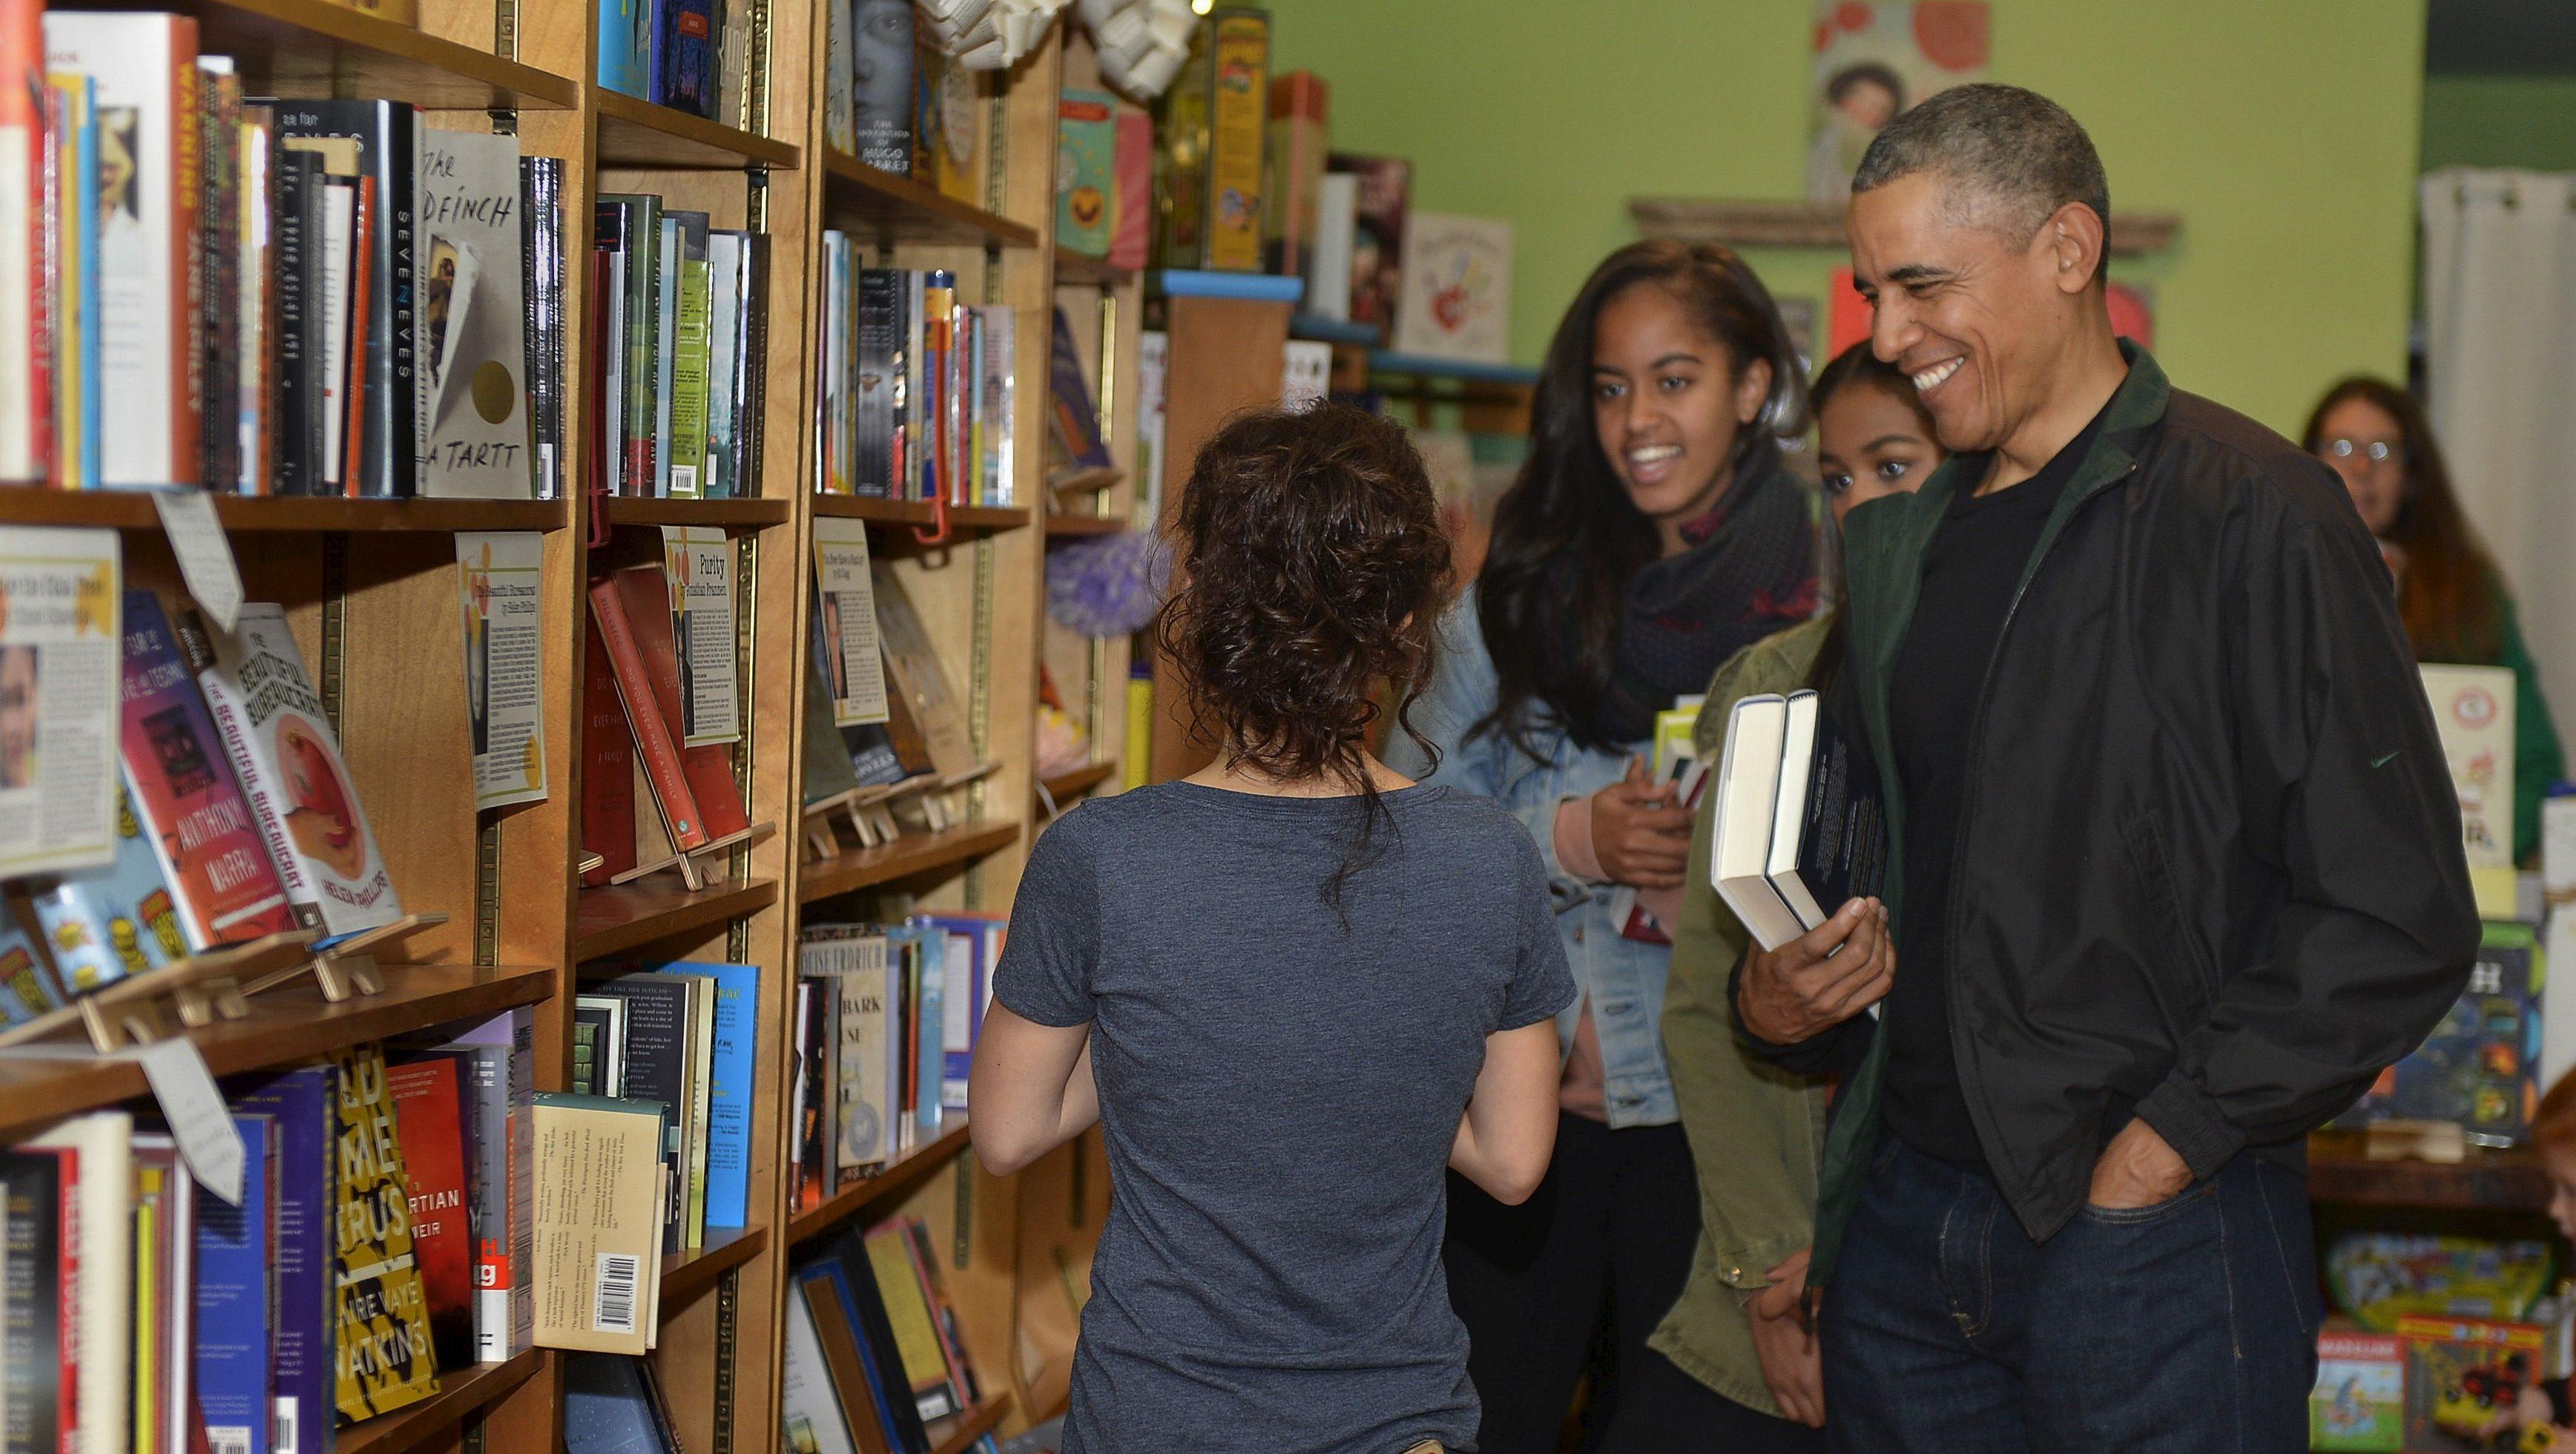 Barack Obama in a bookstore